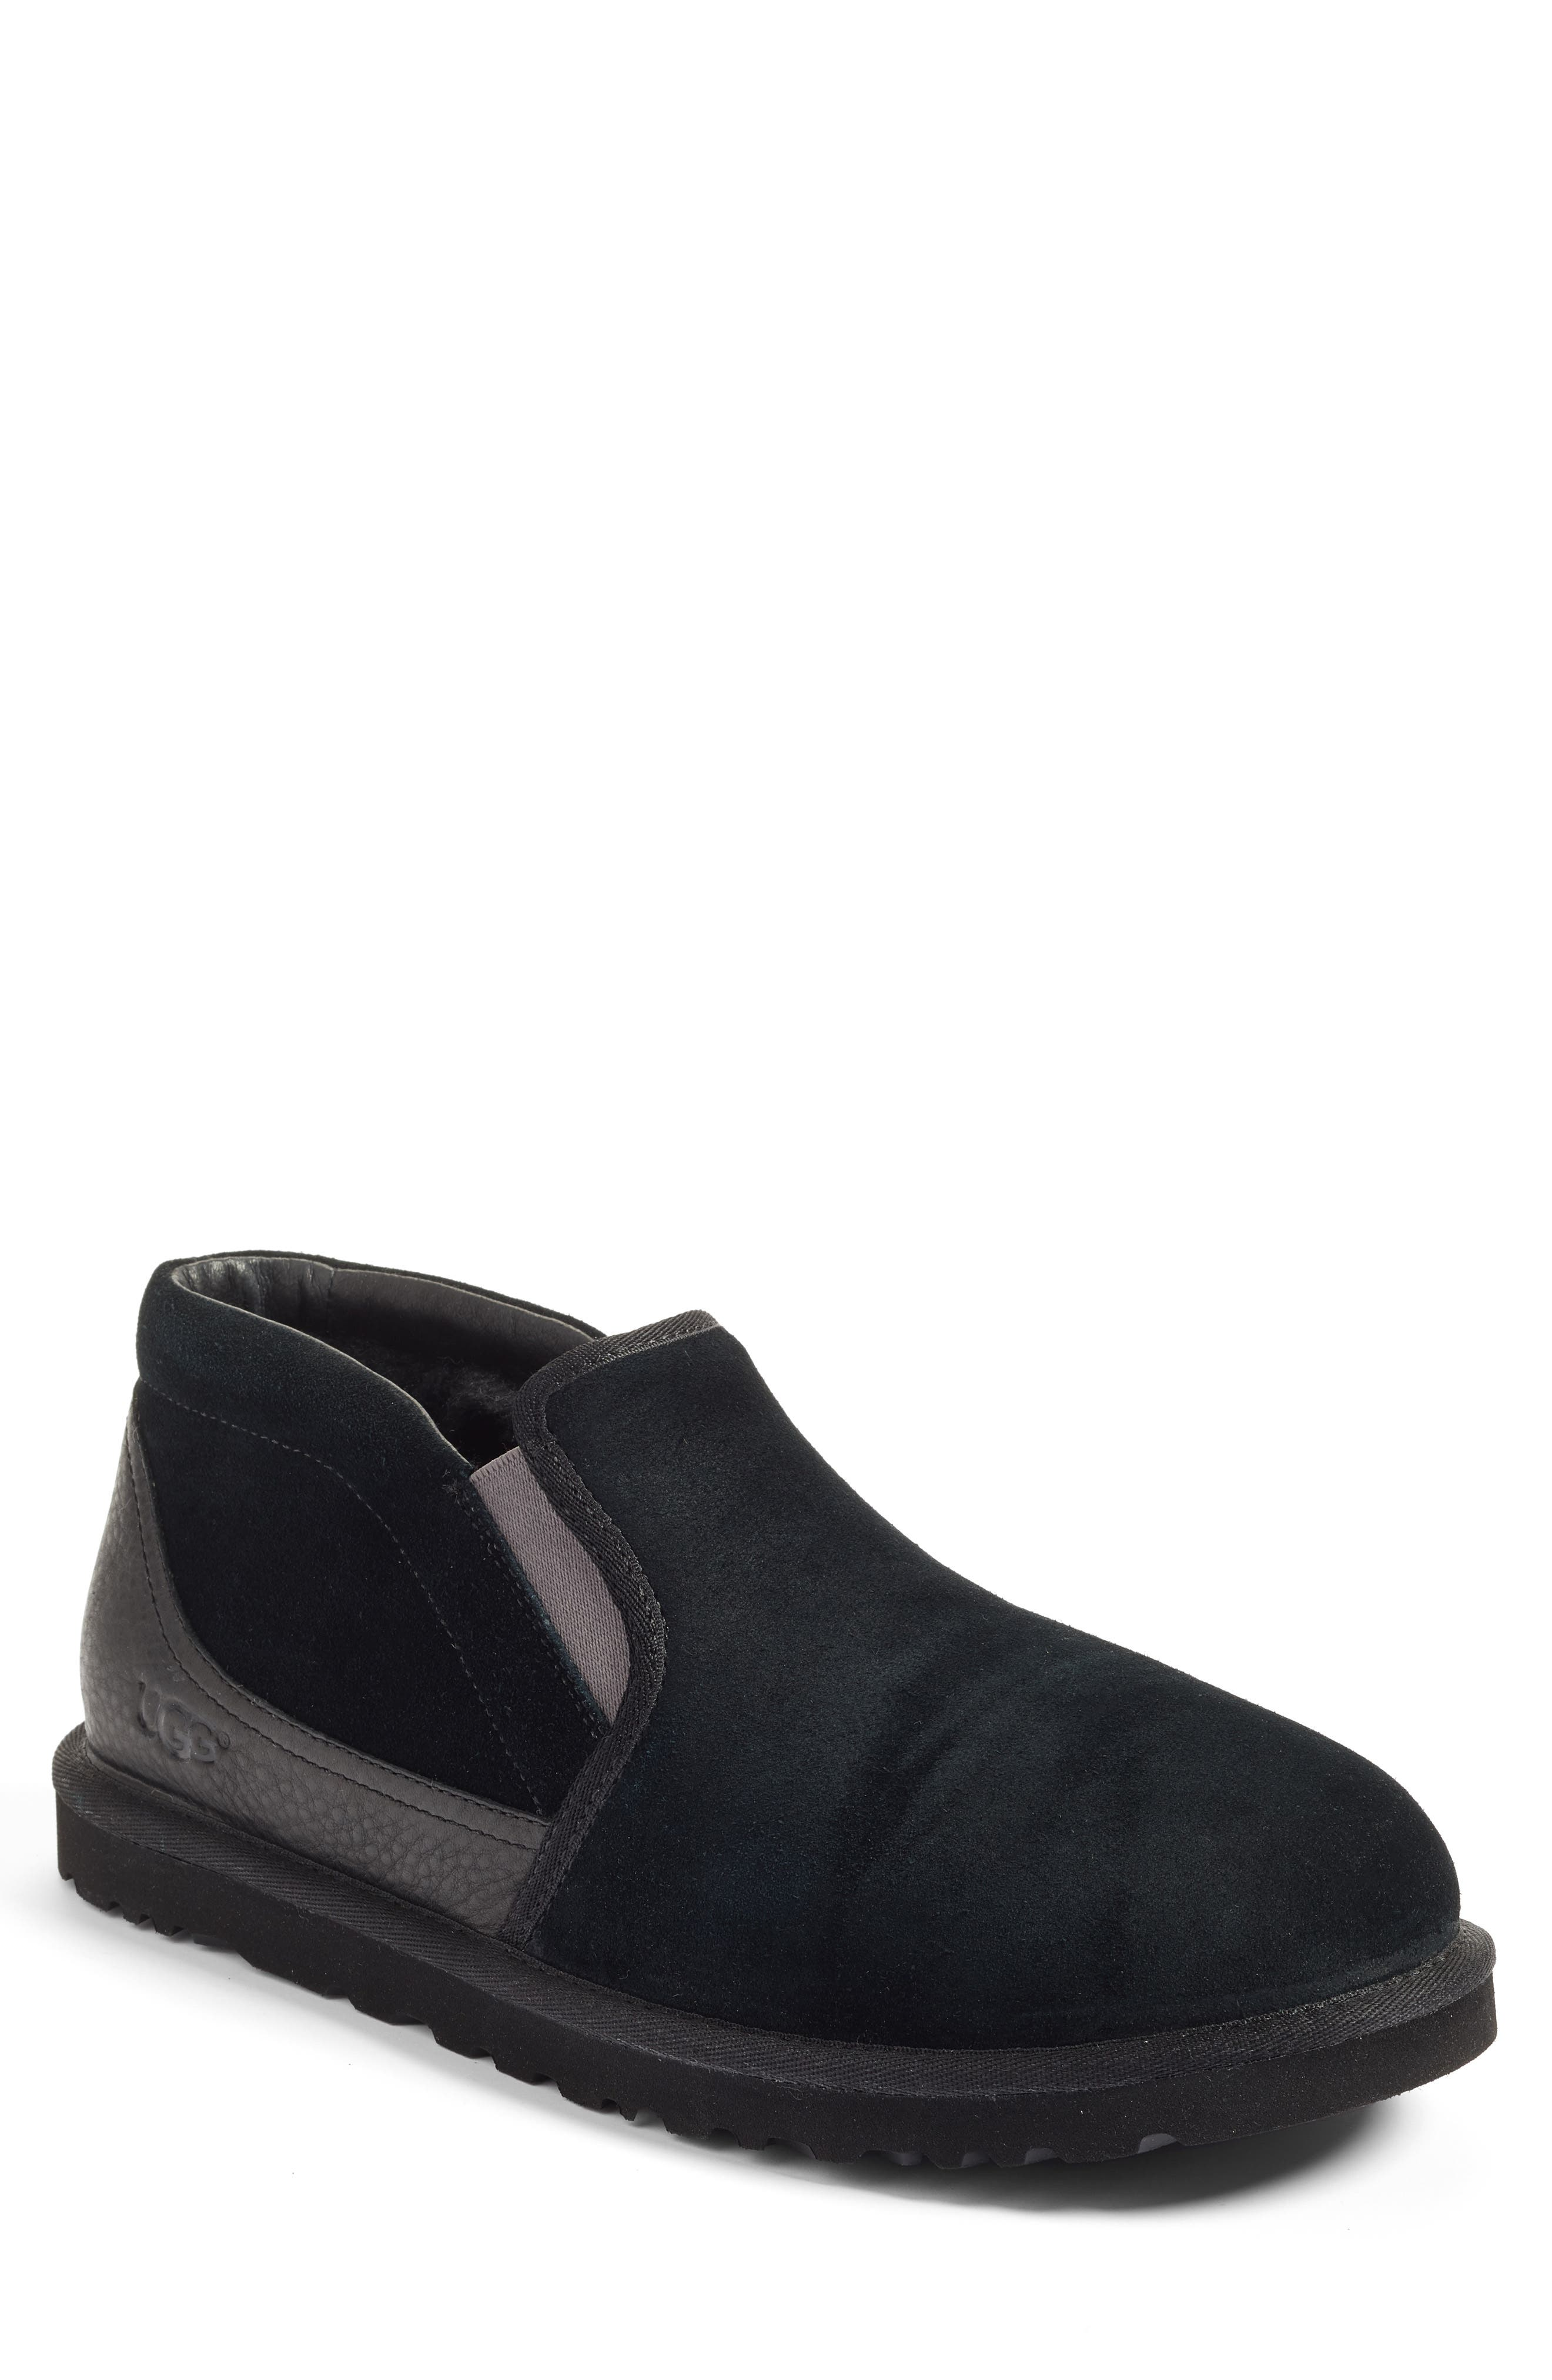 Men\'s Slippers & Moccasins | Nordstrom